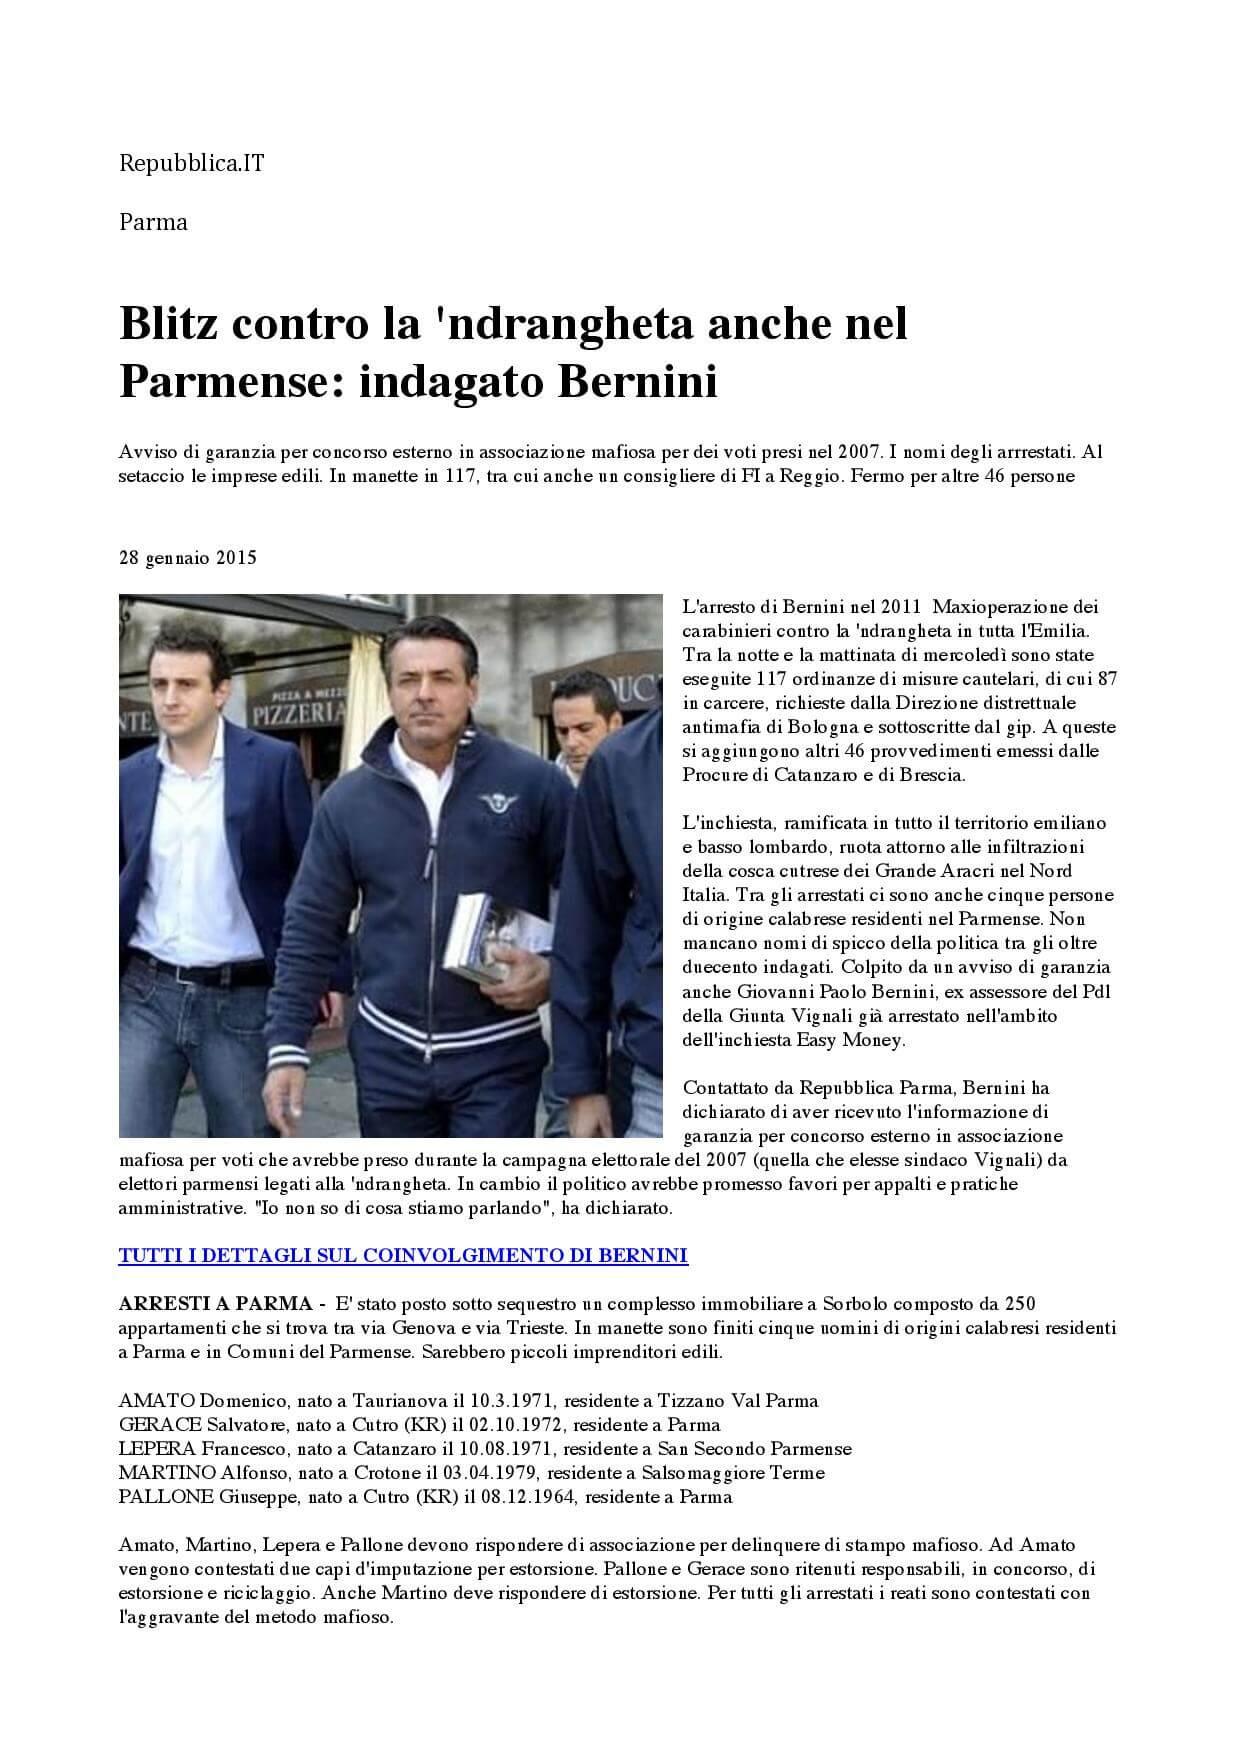 28_1_15_repubblica_bernini_2-page-001